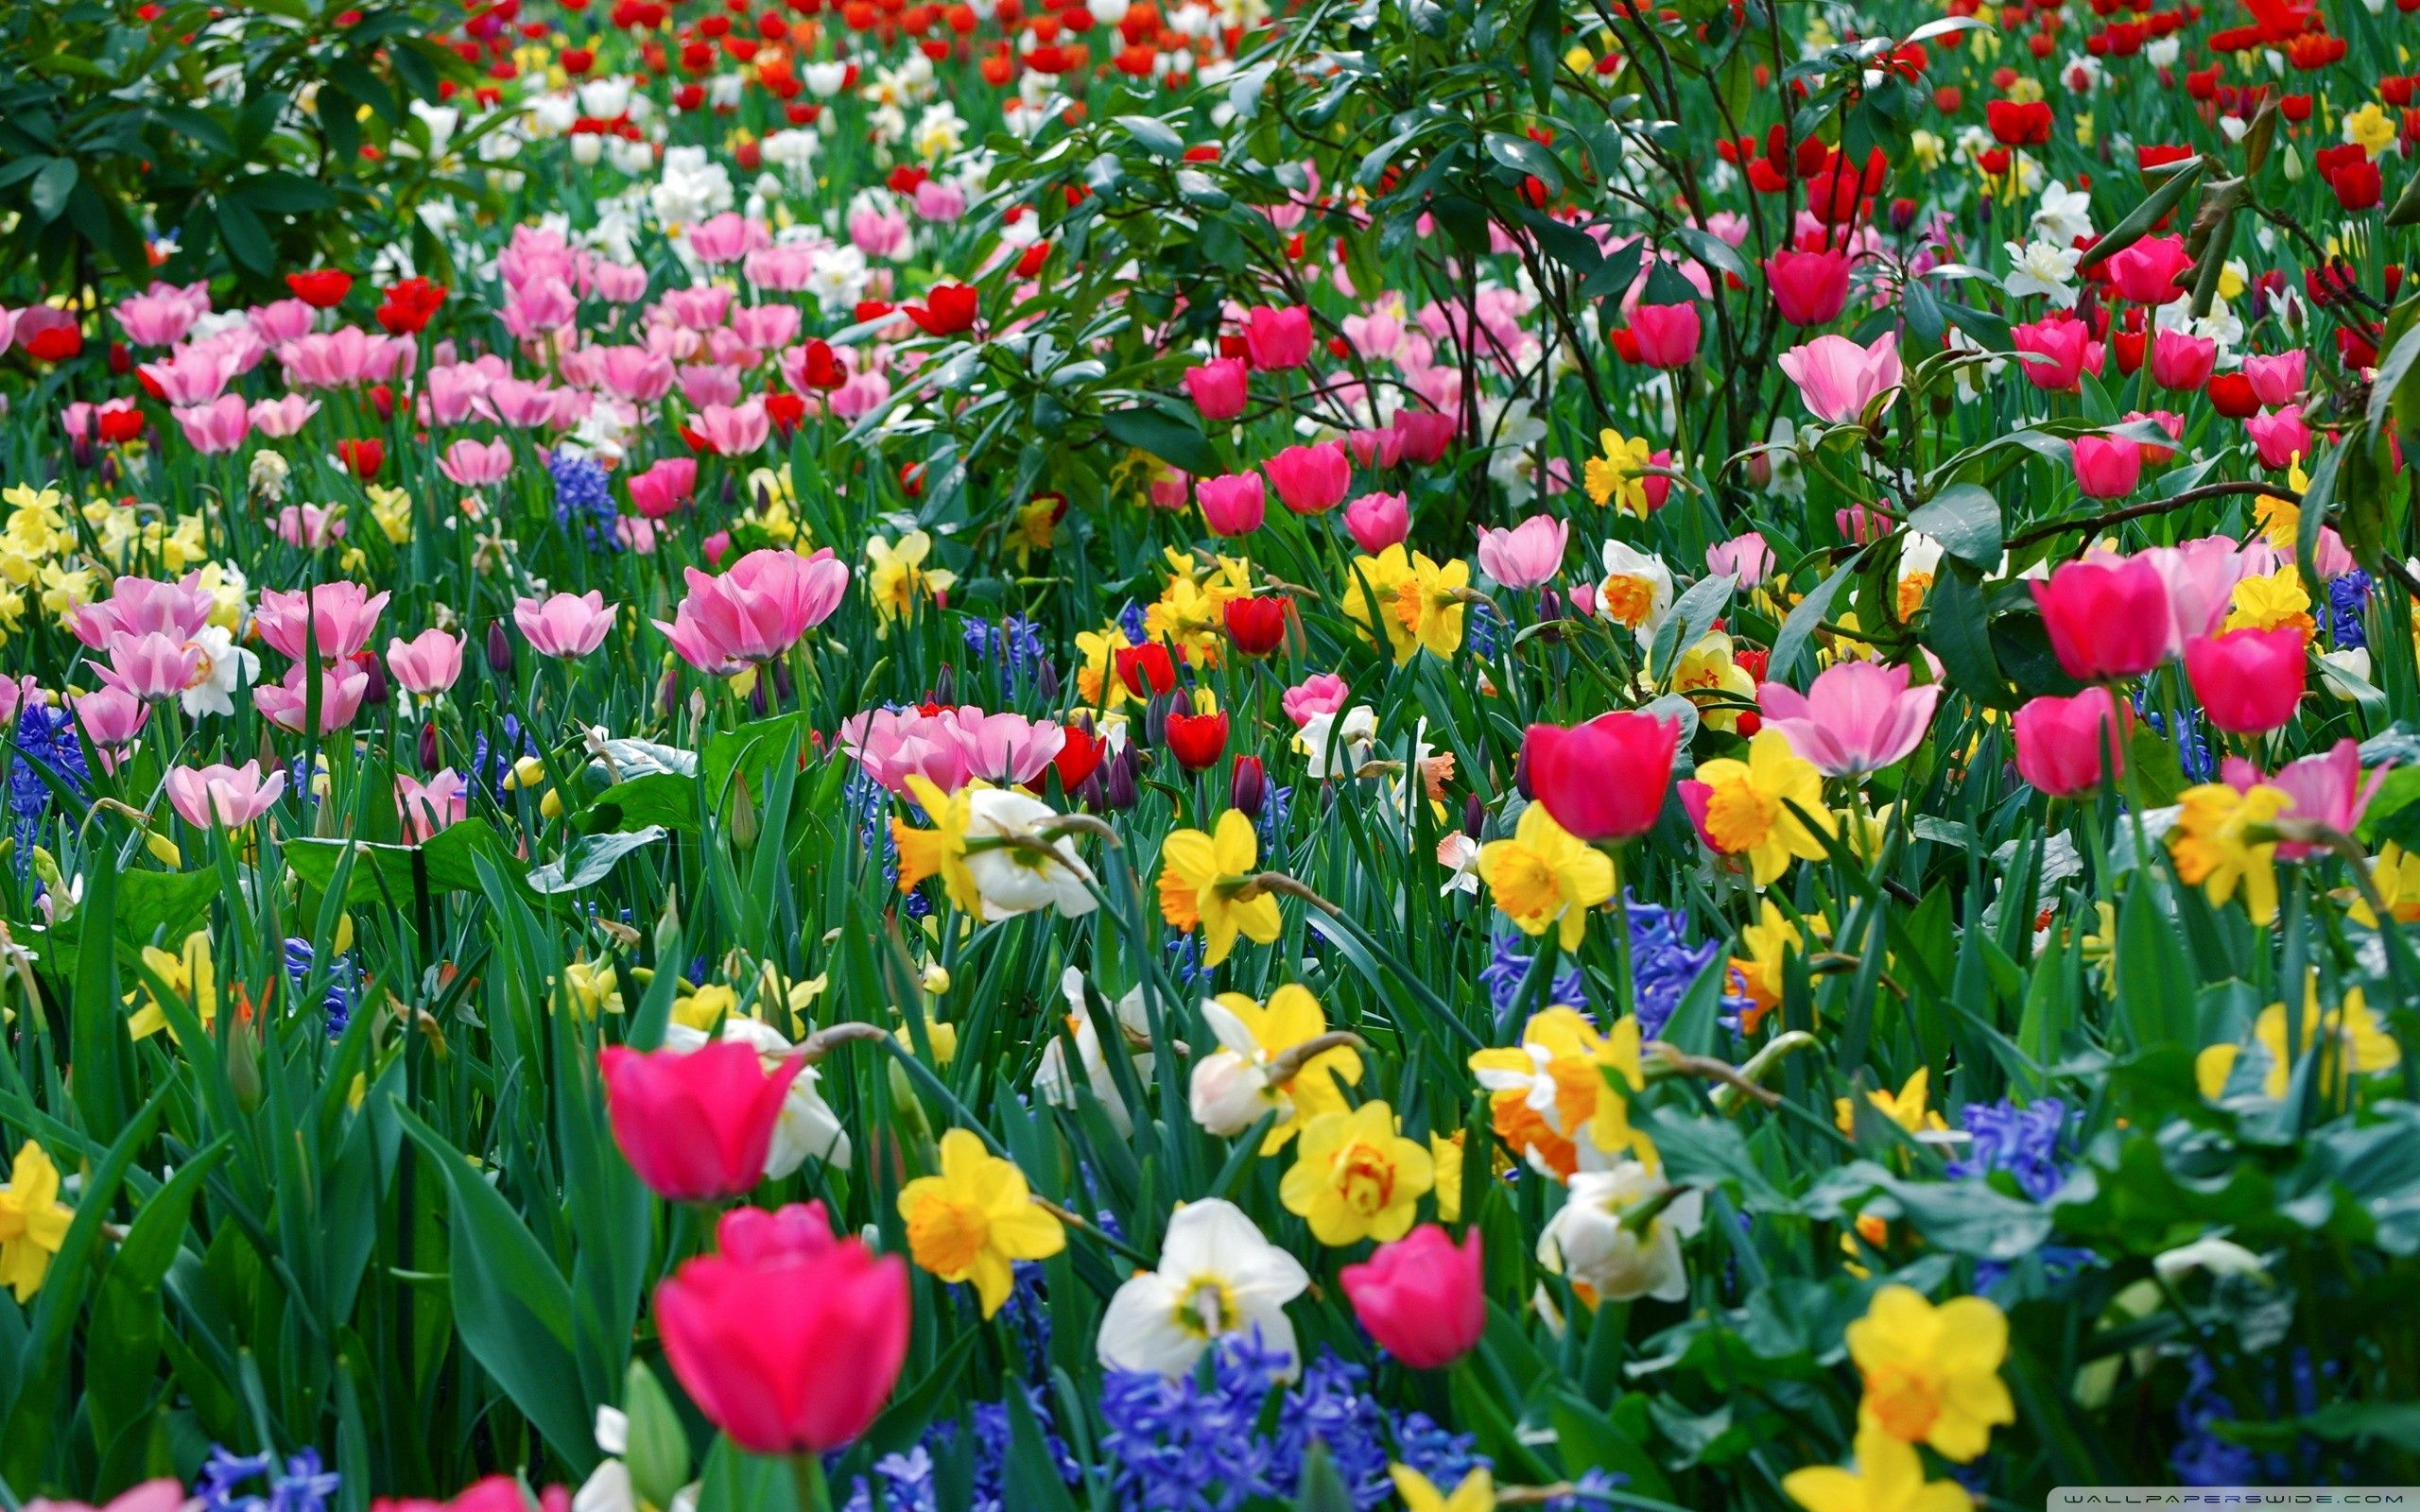 Αποτέλεσμα εικόνας για spring